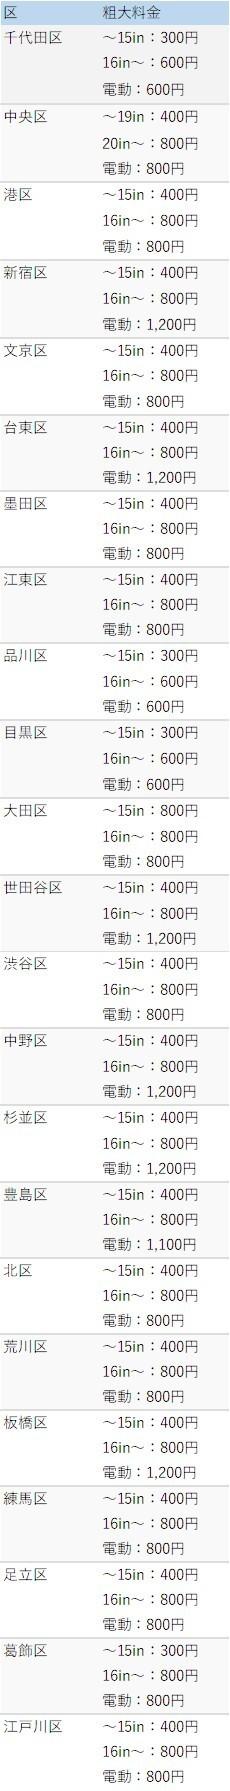 東京23区の自転車粗大ごみ料金表